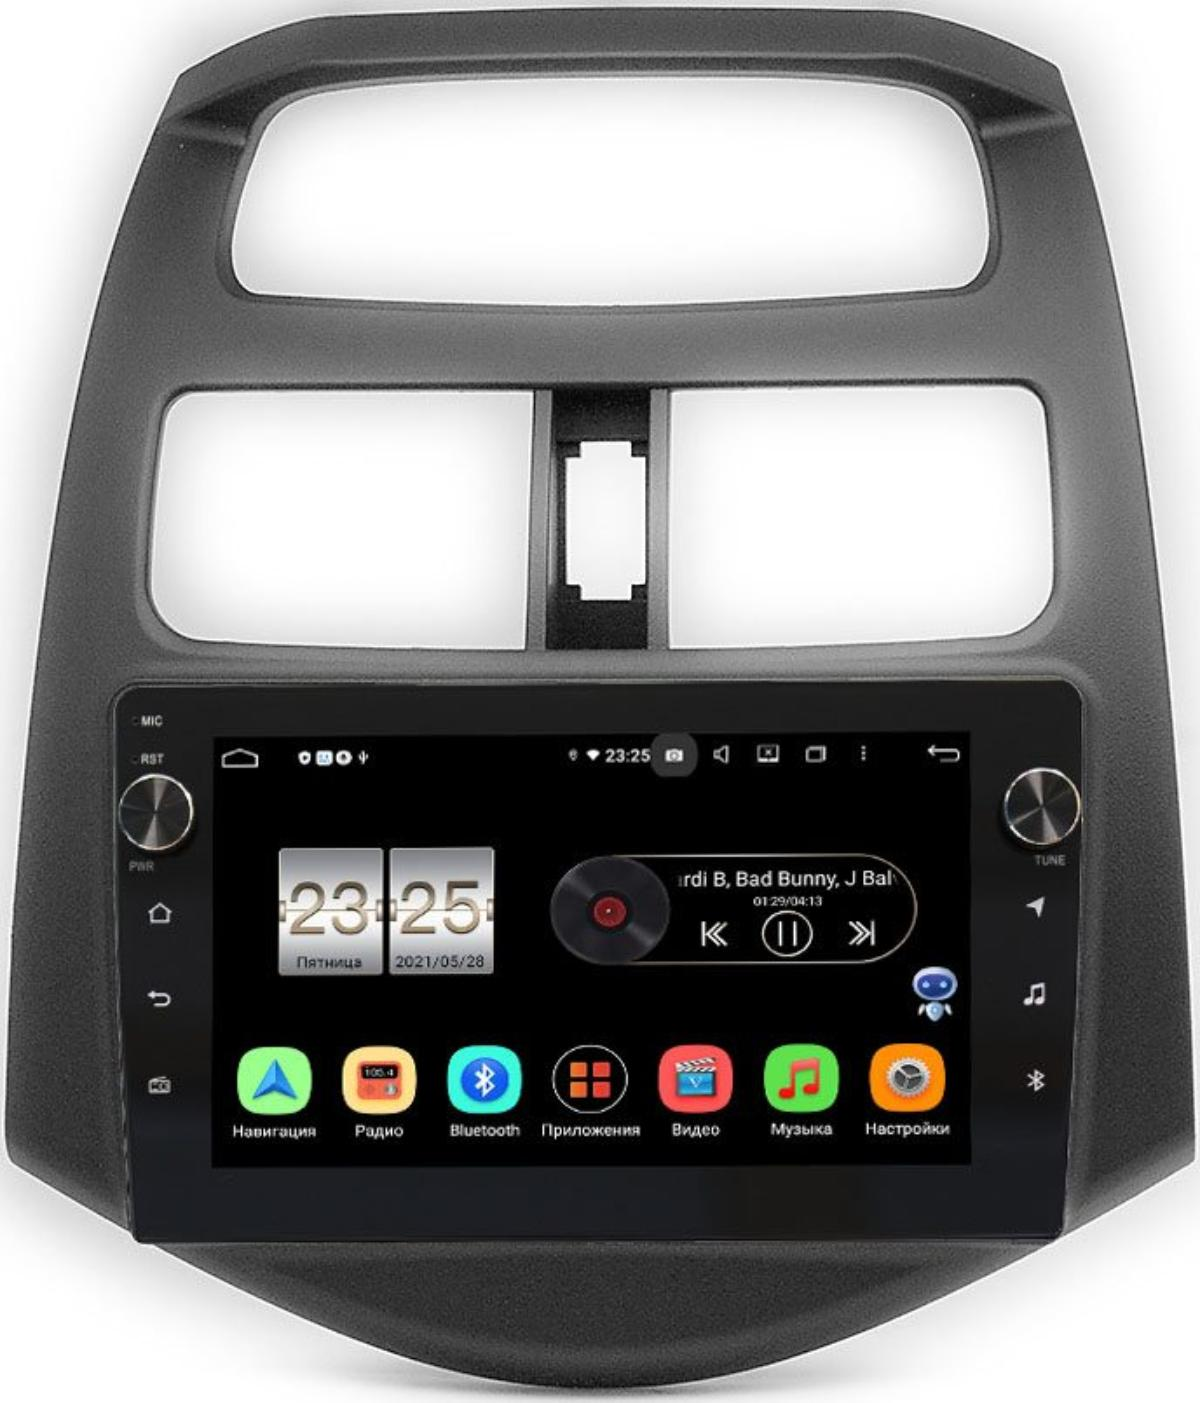 Штатная магнитола Chevrolet Spark III 2009-2016 (матовая) LeTrun BPX409-9-180 на Android 10 (4/32, DSP, IPS, с голосовым ассистентом, с крутилками) (+ Камера заднего вида в подарок!)